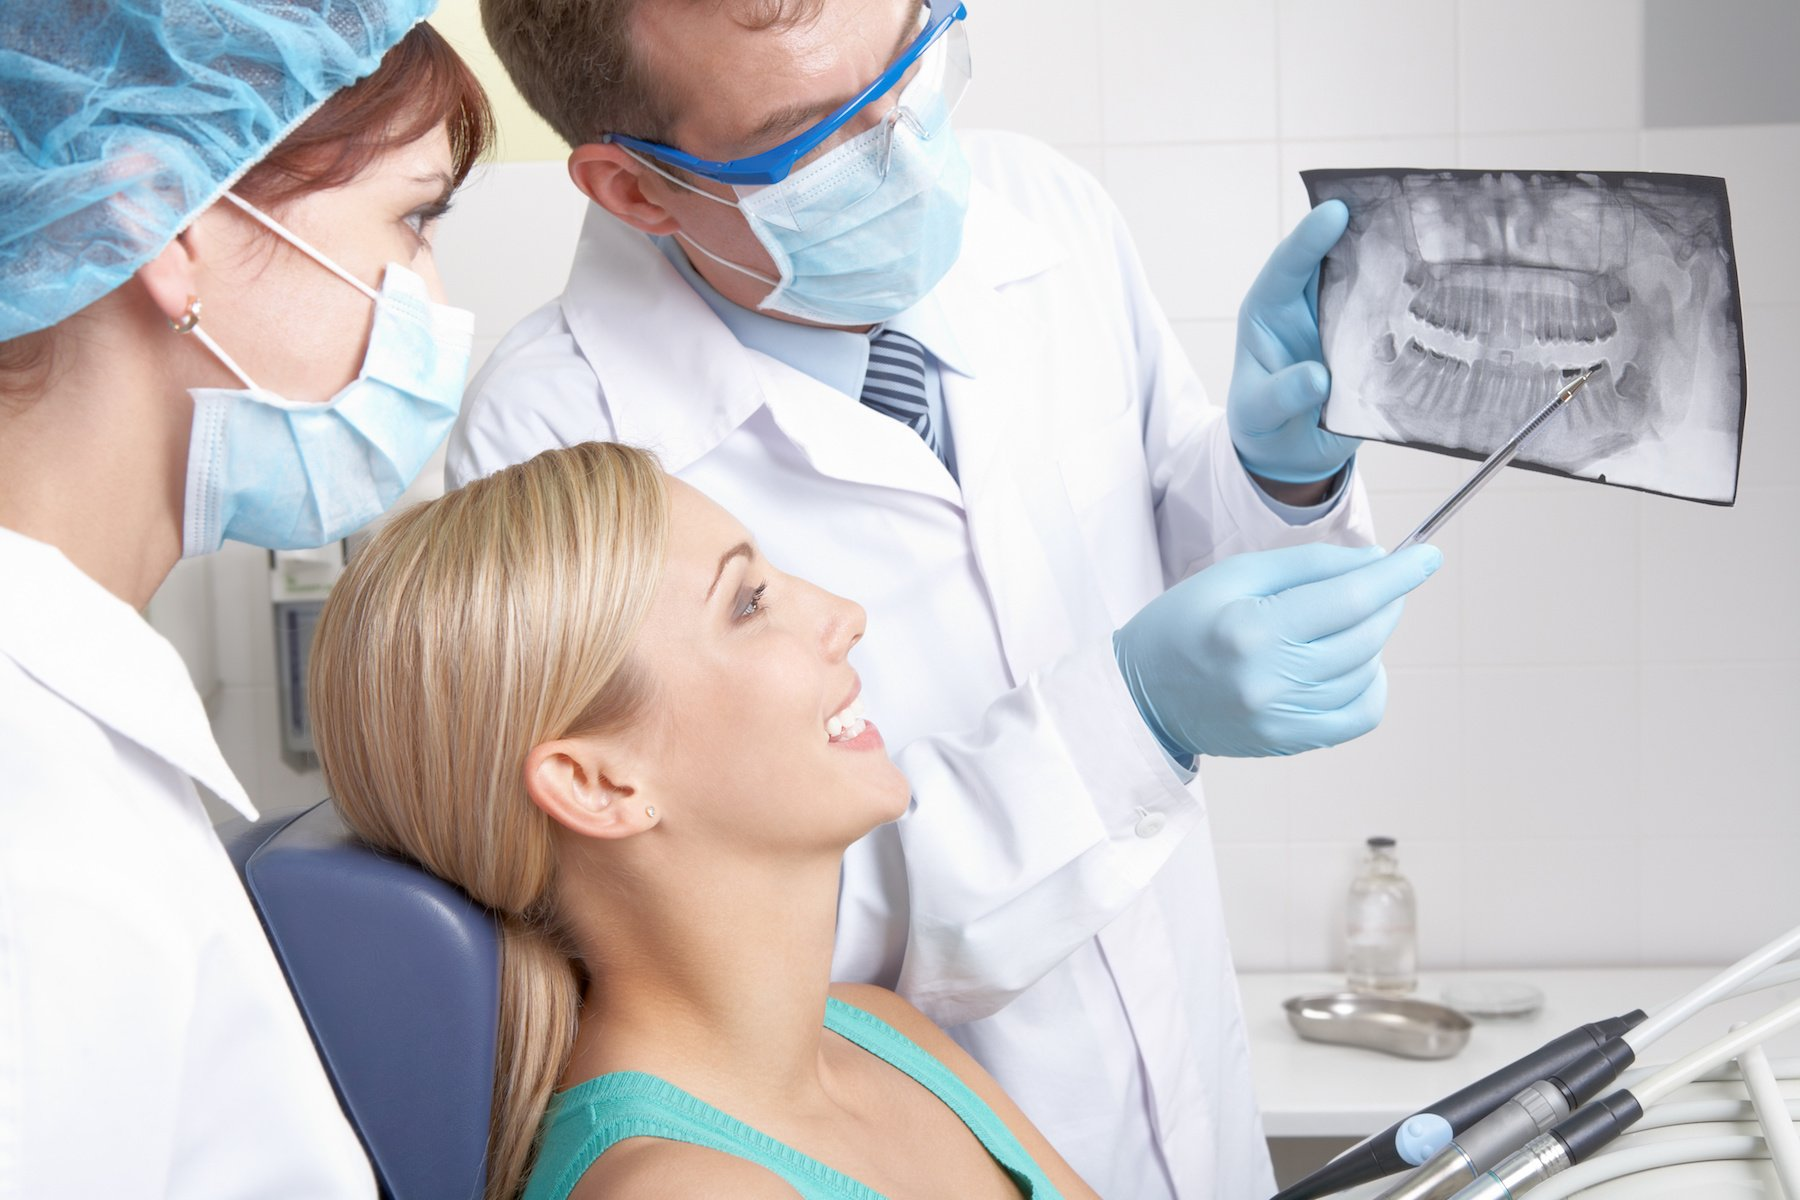 cavity prevention teeth flossing brushing oral health west kelowna true dental